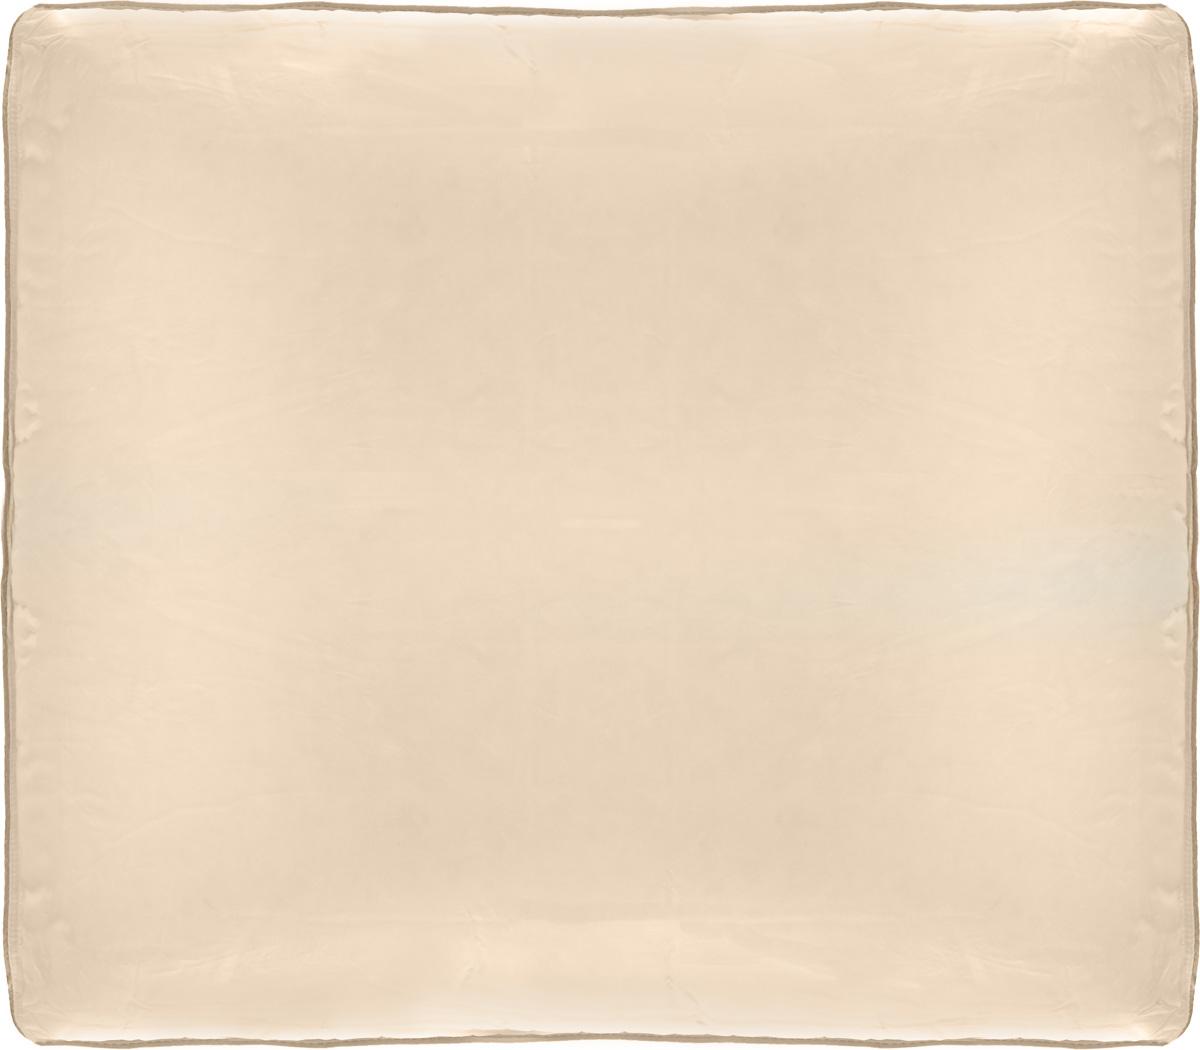 Подушка Легкие сны Капучино, наполнитель: гусиный пух категории Экстра, 68 х 68 см8812Подушка Легкие сны Капучино поможет расслабиться, снимет усталость и подарит вам спокойный и здоровый сон. Наполнителем этой подушки является воздушный и легкий гусиный пух категории Экстра. Чехол выполнен из гладкого, шелковистого и при этом достаточно прочного сатина (100% хлопок) карамельного цвета. По краю подушки выполнена отделка атласным кантом бежевого цвета. Это отличный вариант для подарка себе и своим близким и любимым. Подушку можно стирать в стиральной машине. Степень поддержки: средняя.